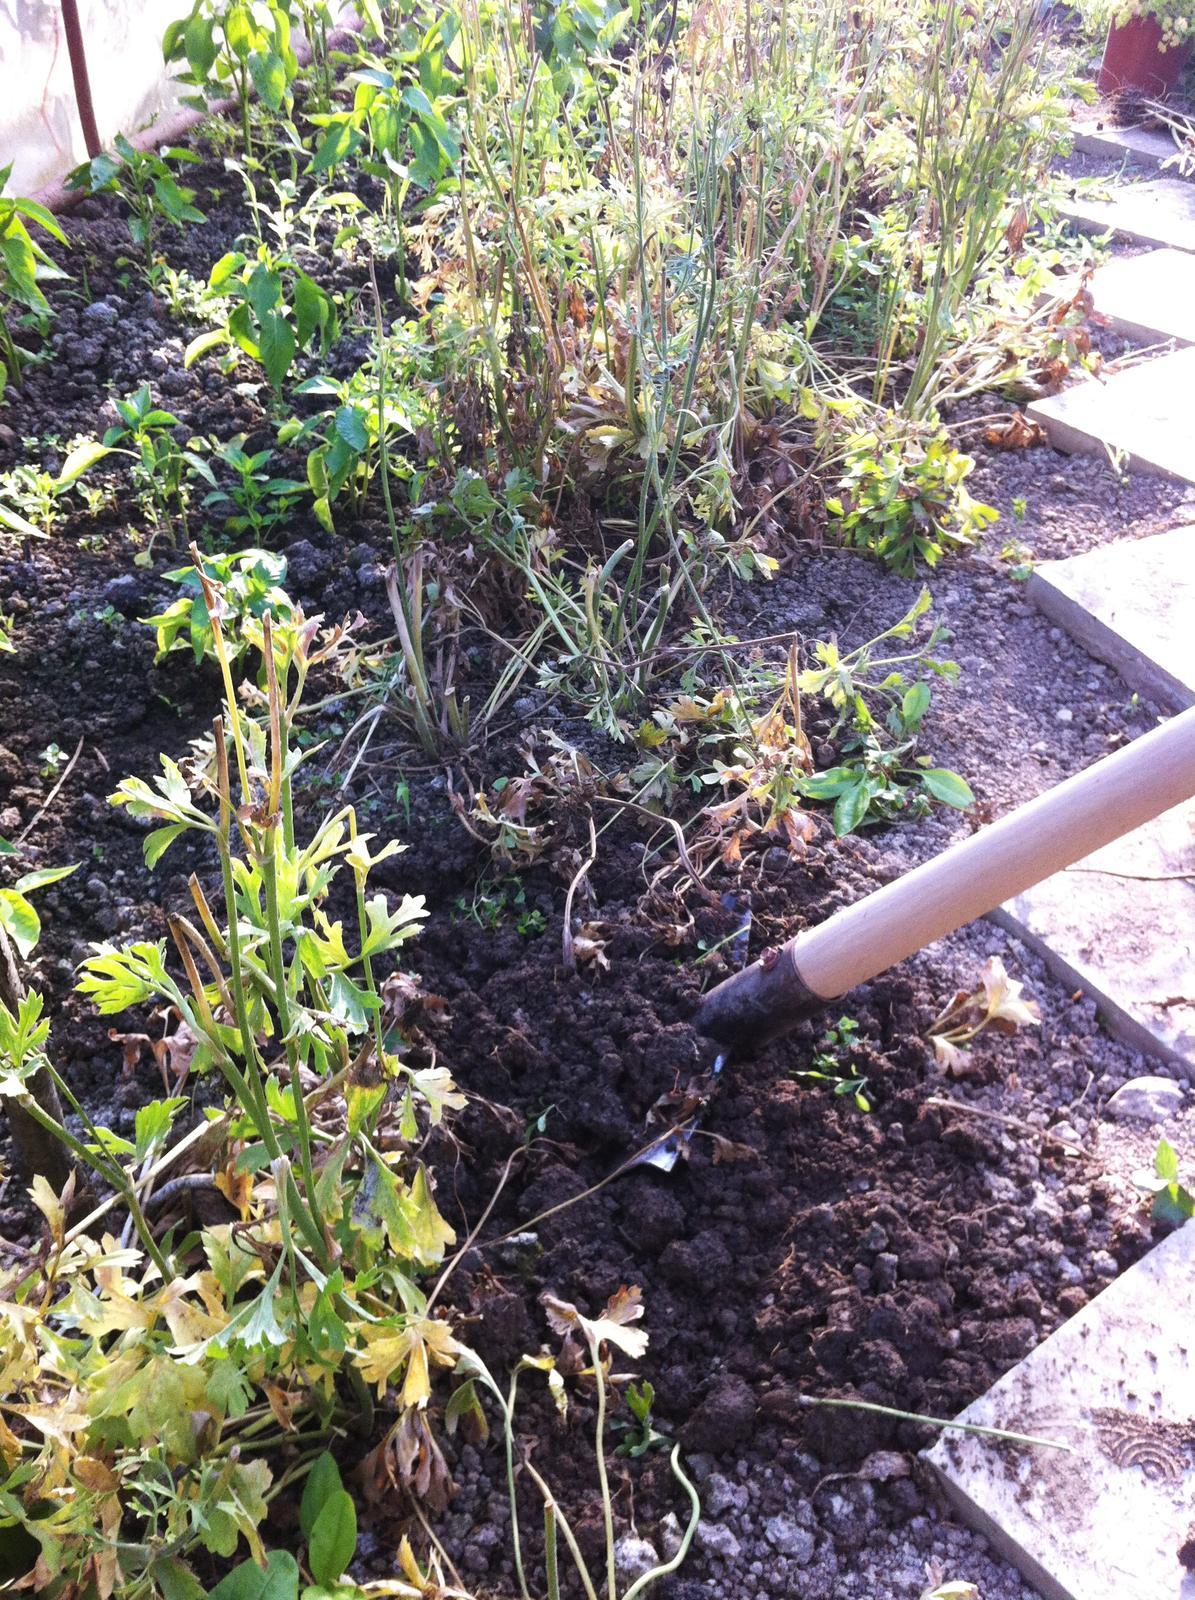 Vo víre kvetov... - Ranunculusy ukončili tohtoročnú sezónu - hľuzky vykopané a usušené. Teraz čakajú v suchu na neskorú jeseň kedy ich opäť vysadím.